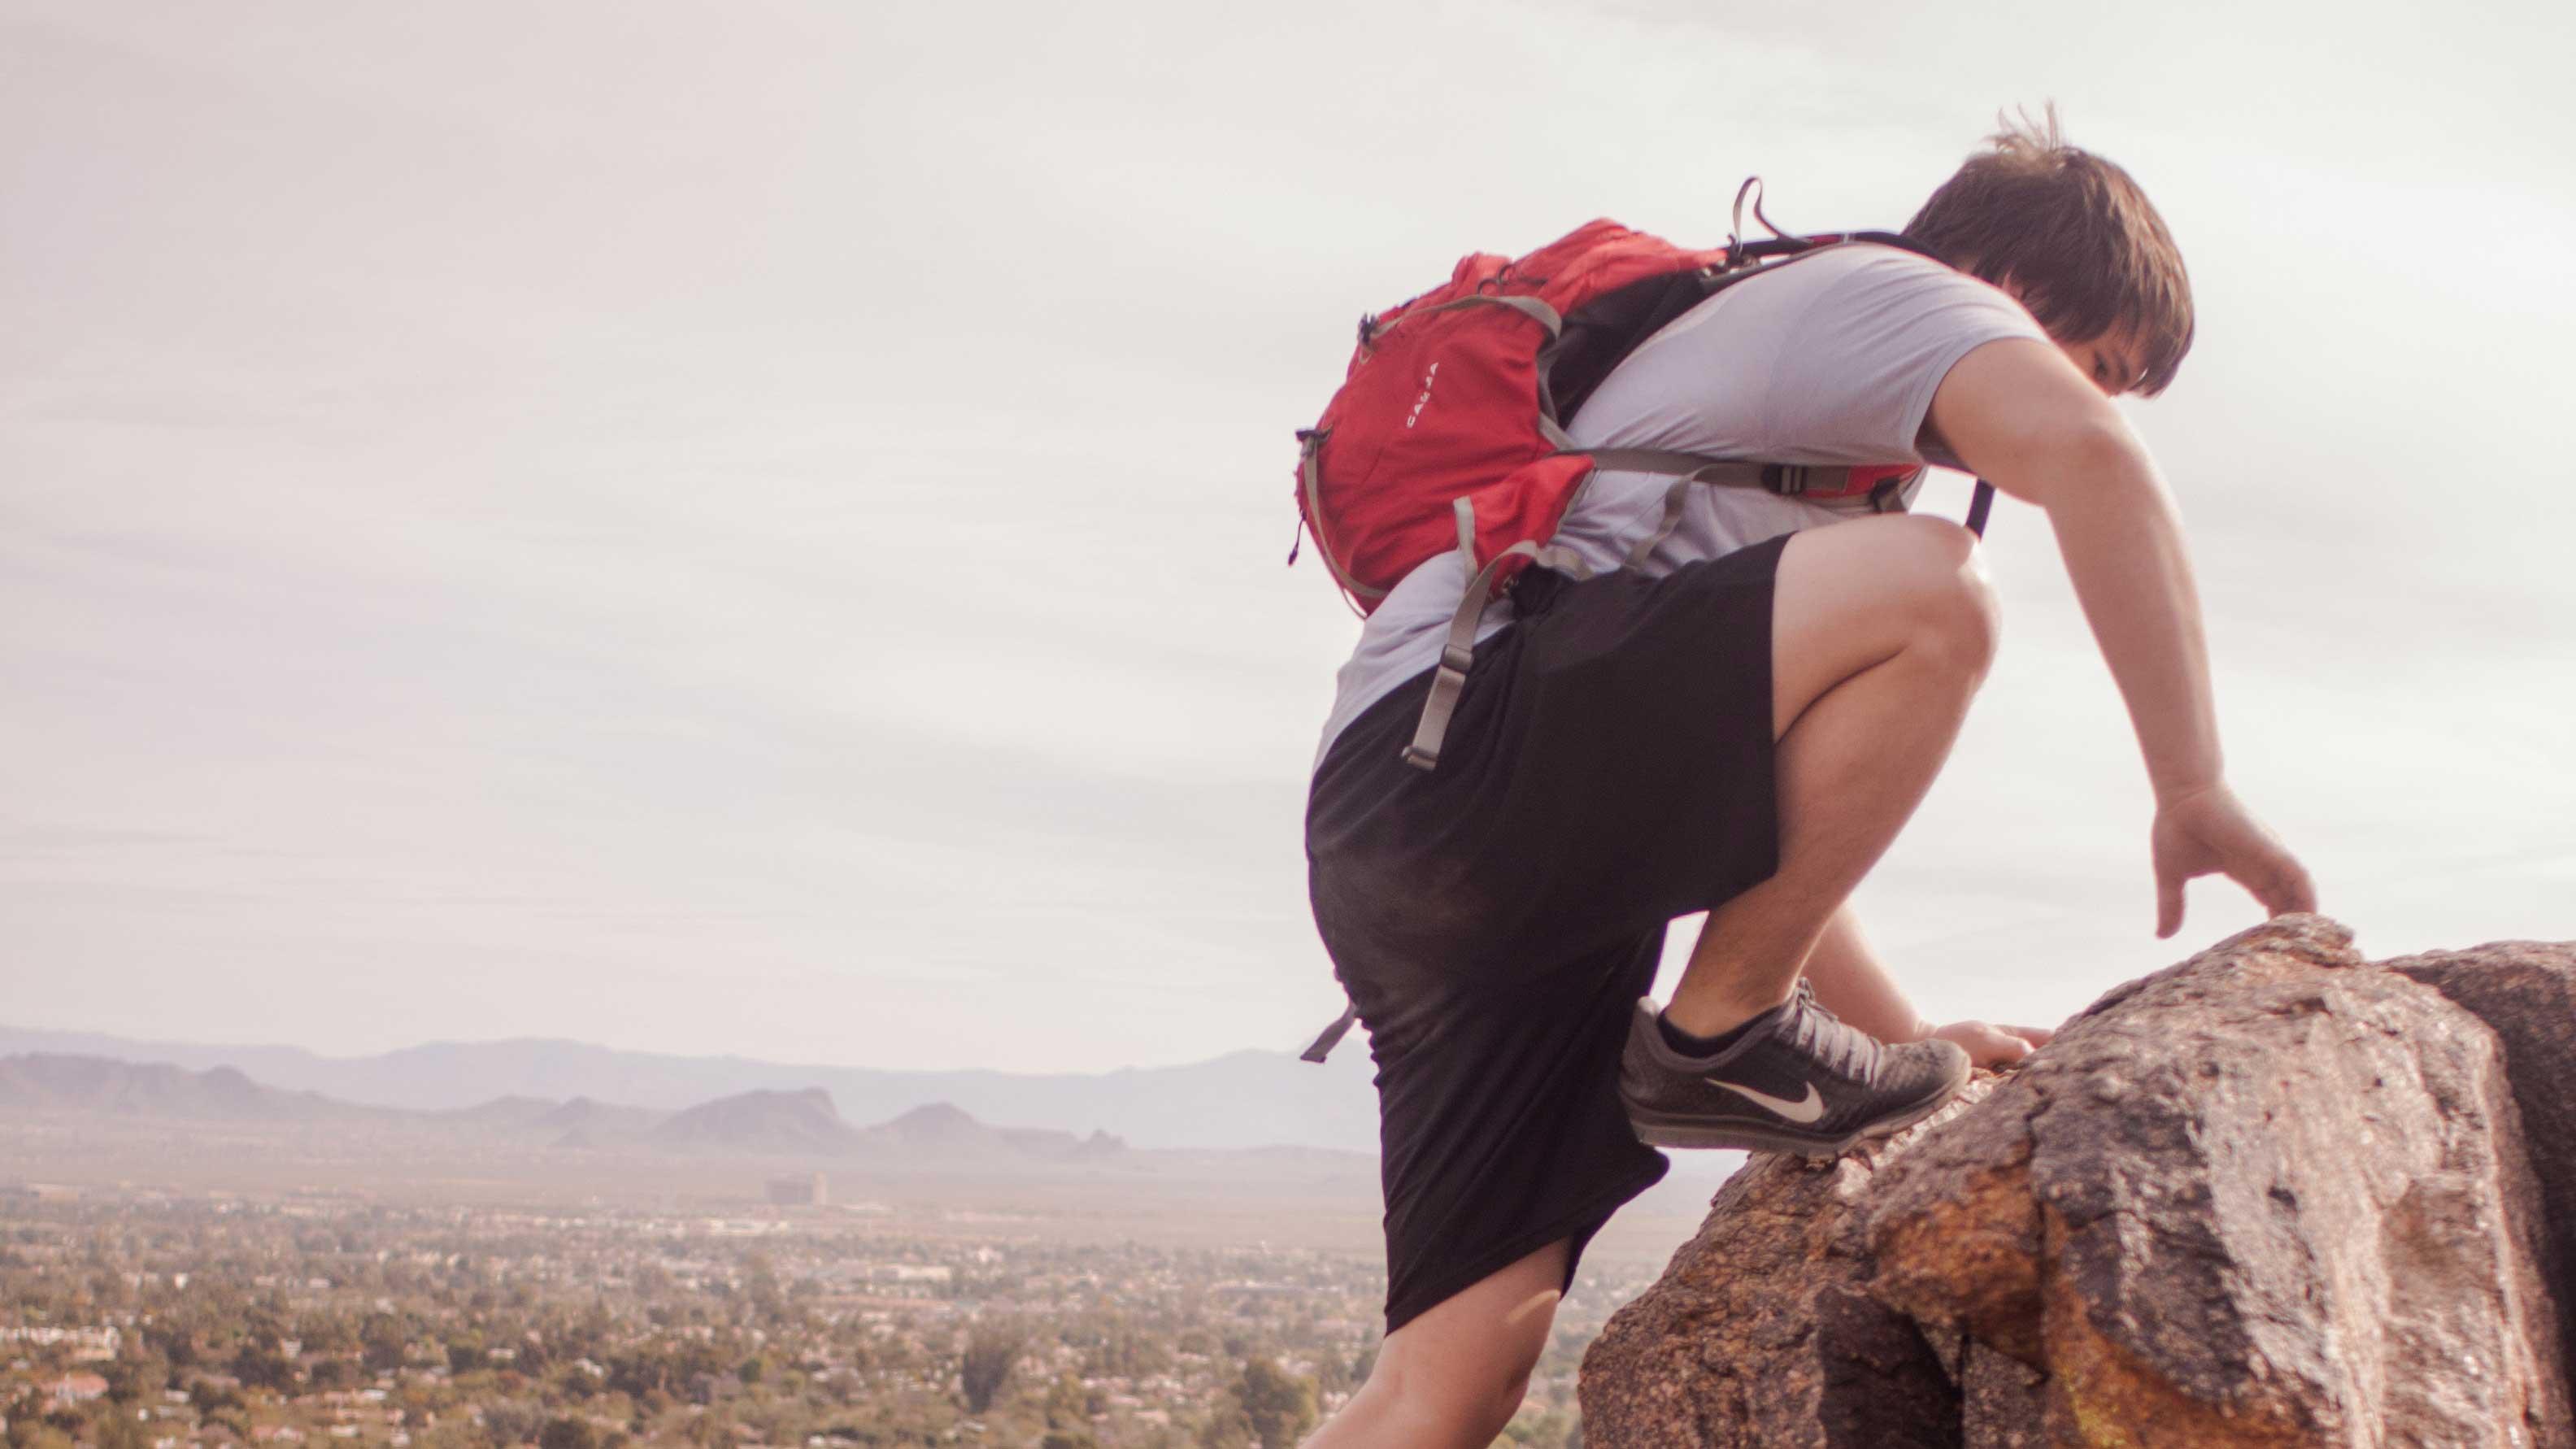 Rapaz escalando montanha